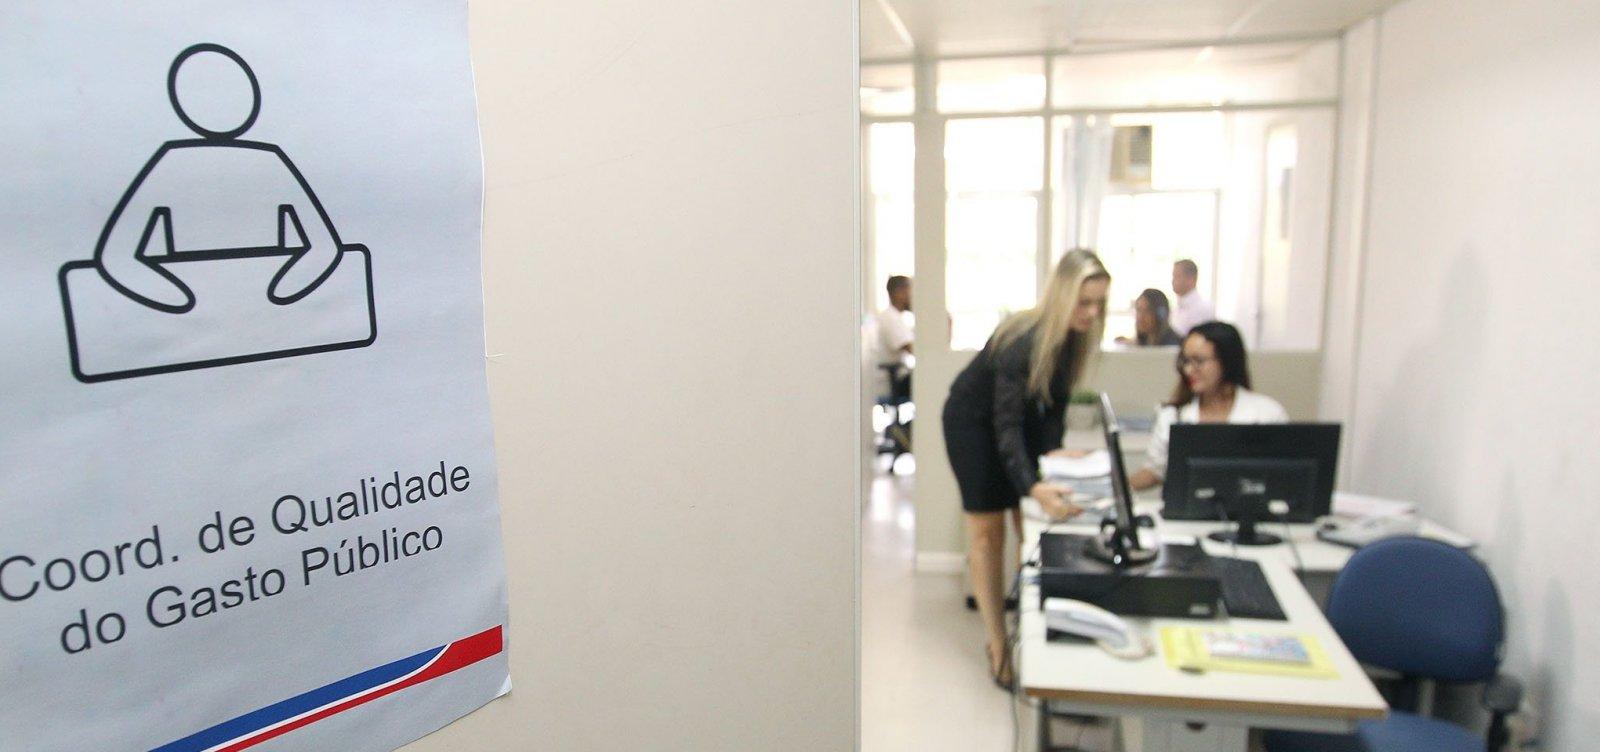 Bahia é o estado que mais reduziu despesas, aponta Tesouro Nacional